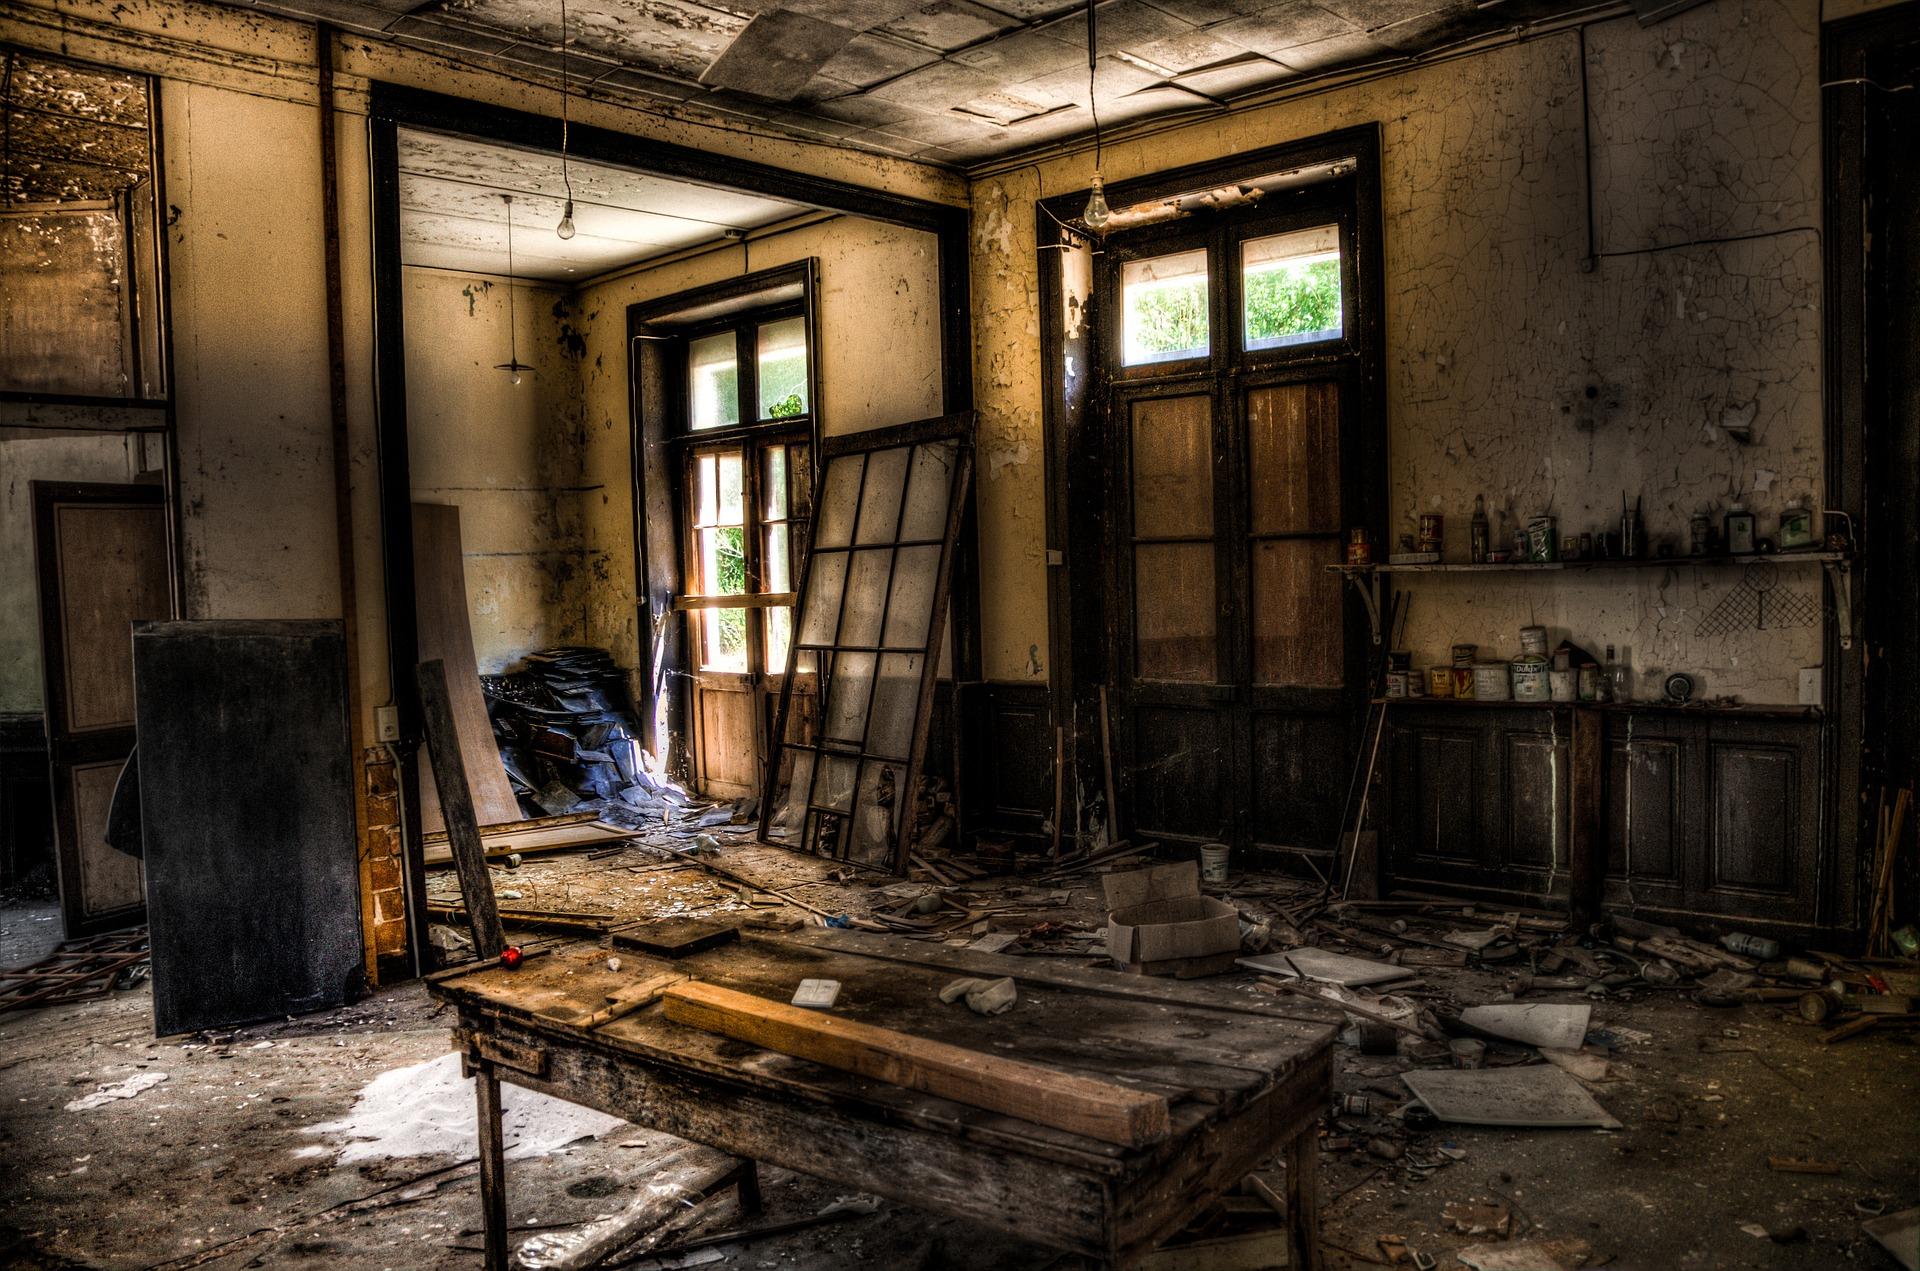 Ненадлежащее содержание квартиры, это опасно!